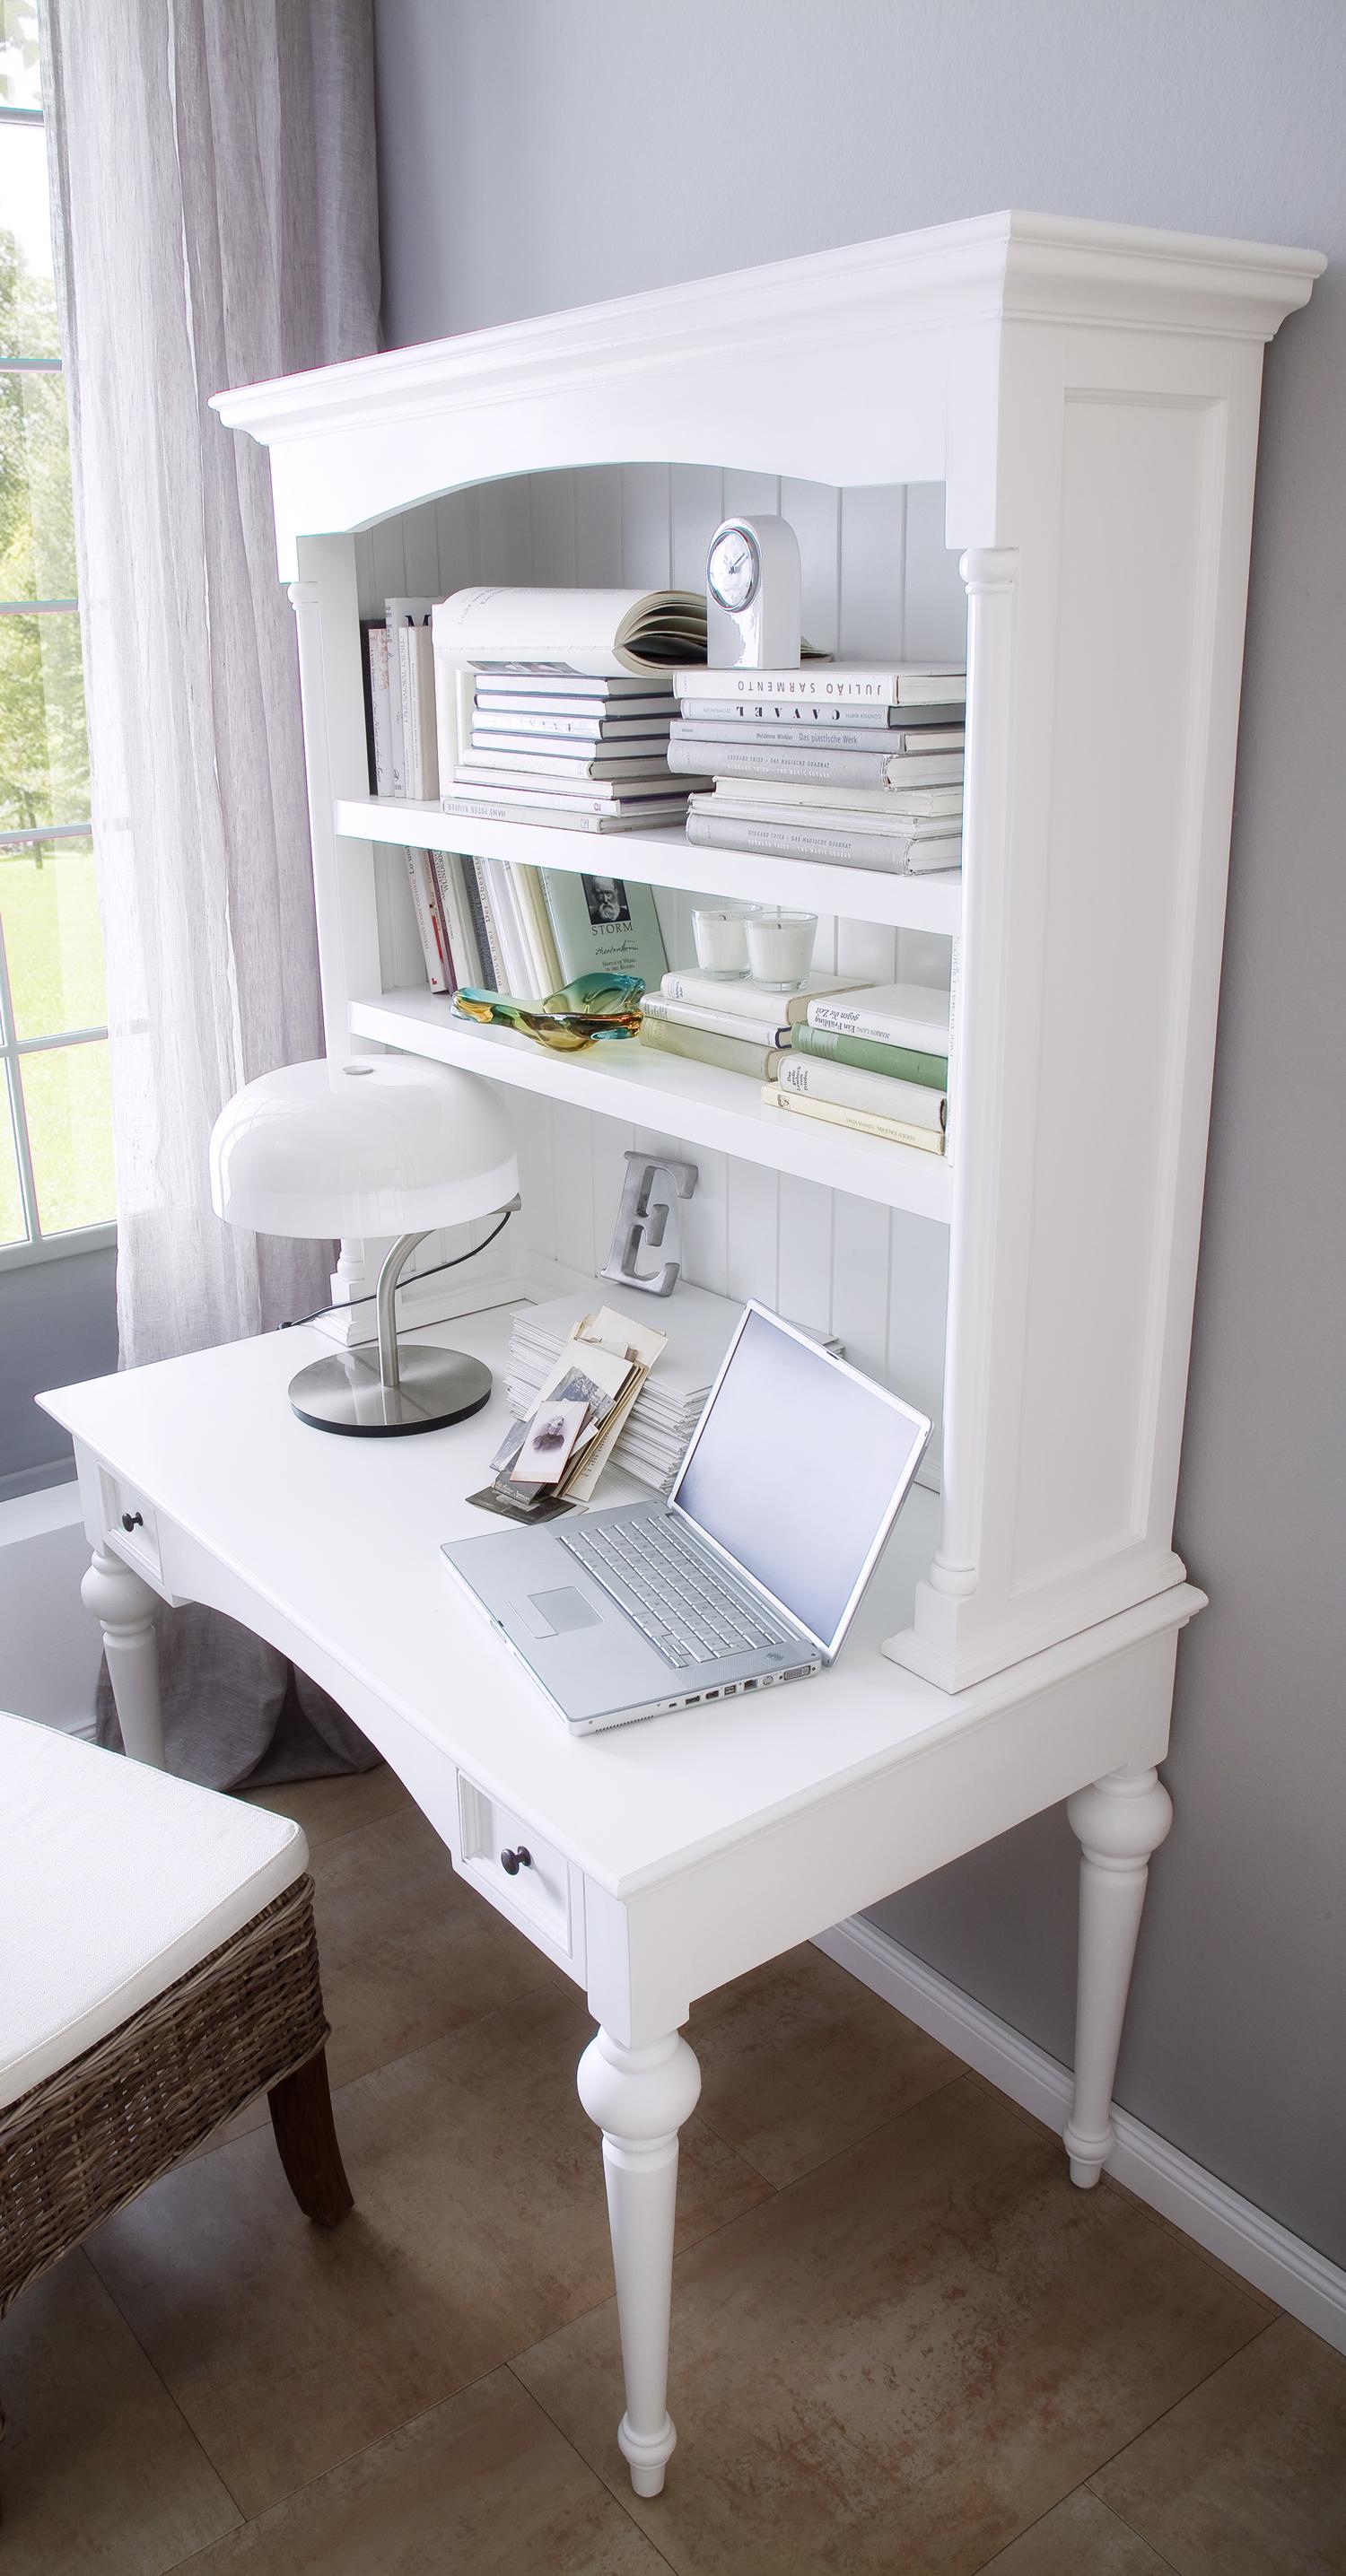 schreibtisch idris home pinterest franz sischer stil schubladen und schreibtische. Black Bedroom Furniture Sets. Home Design Ideas